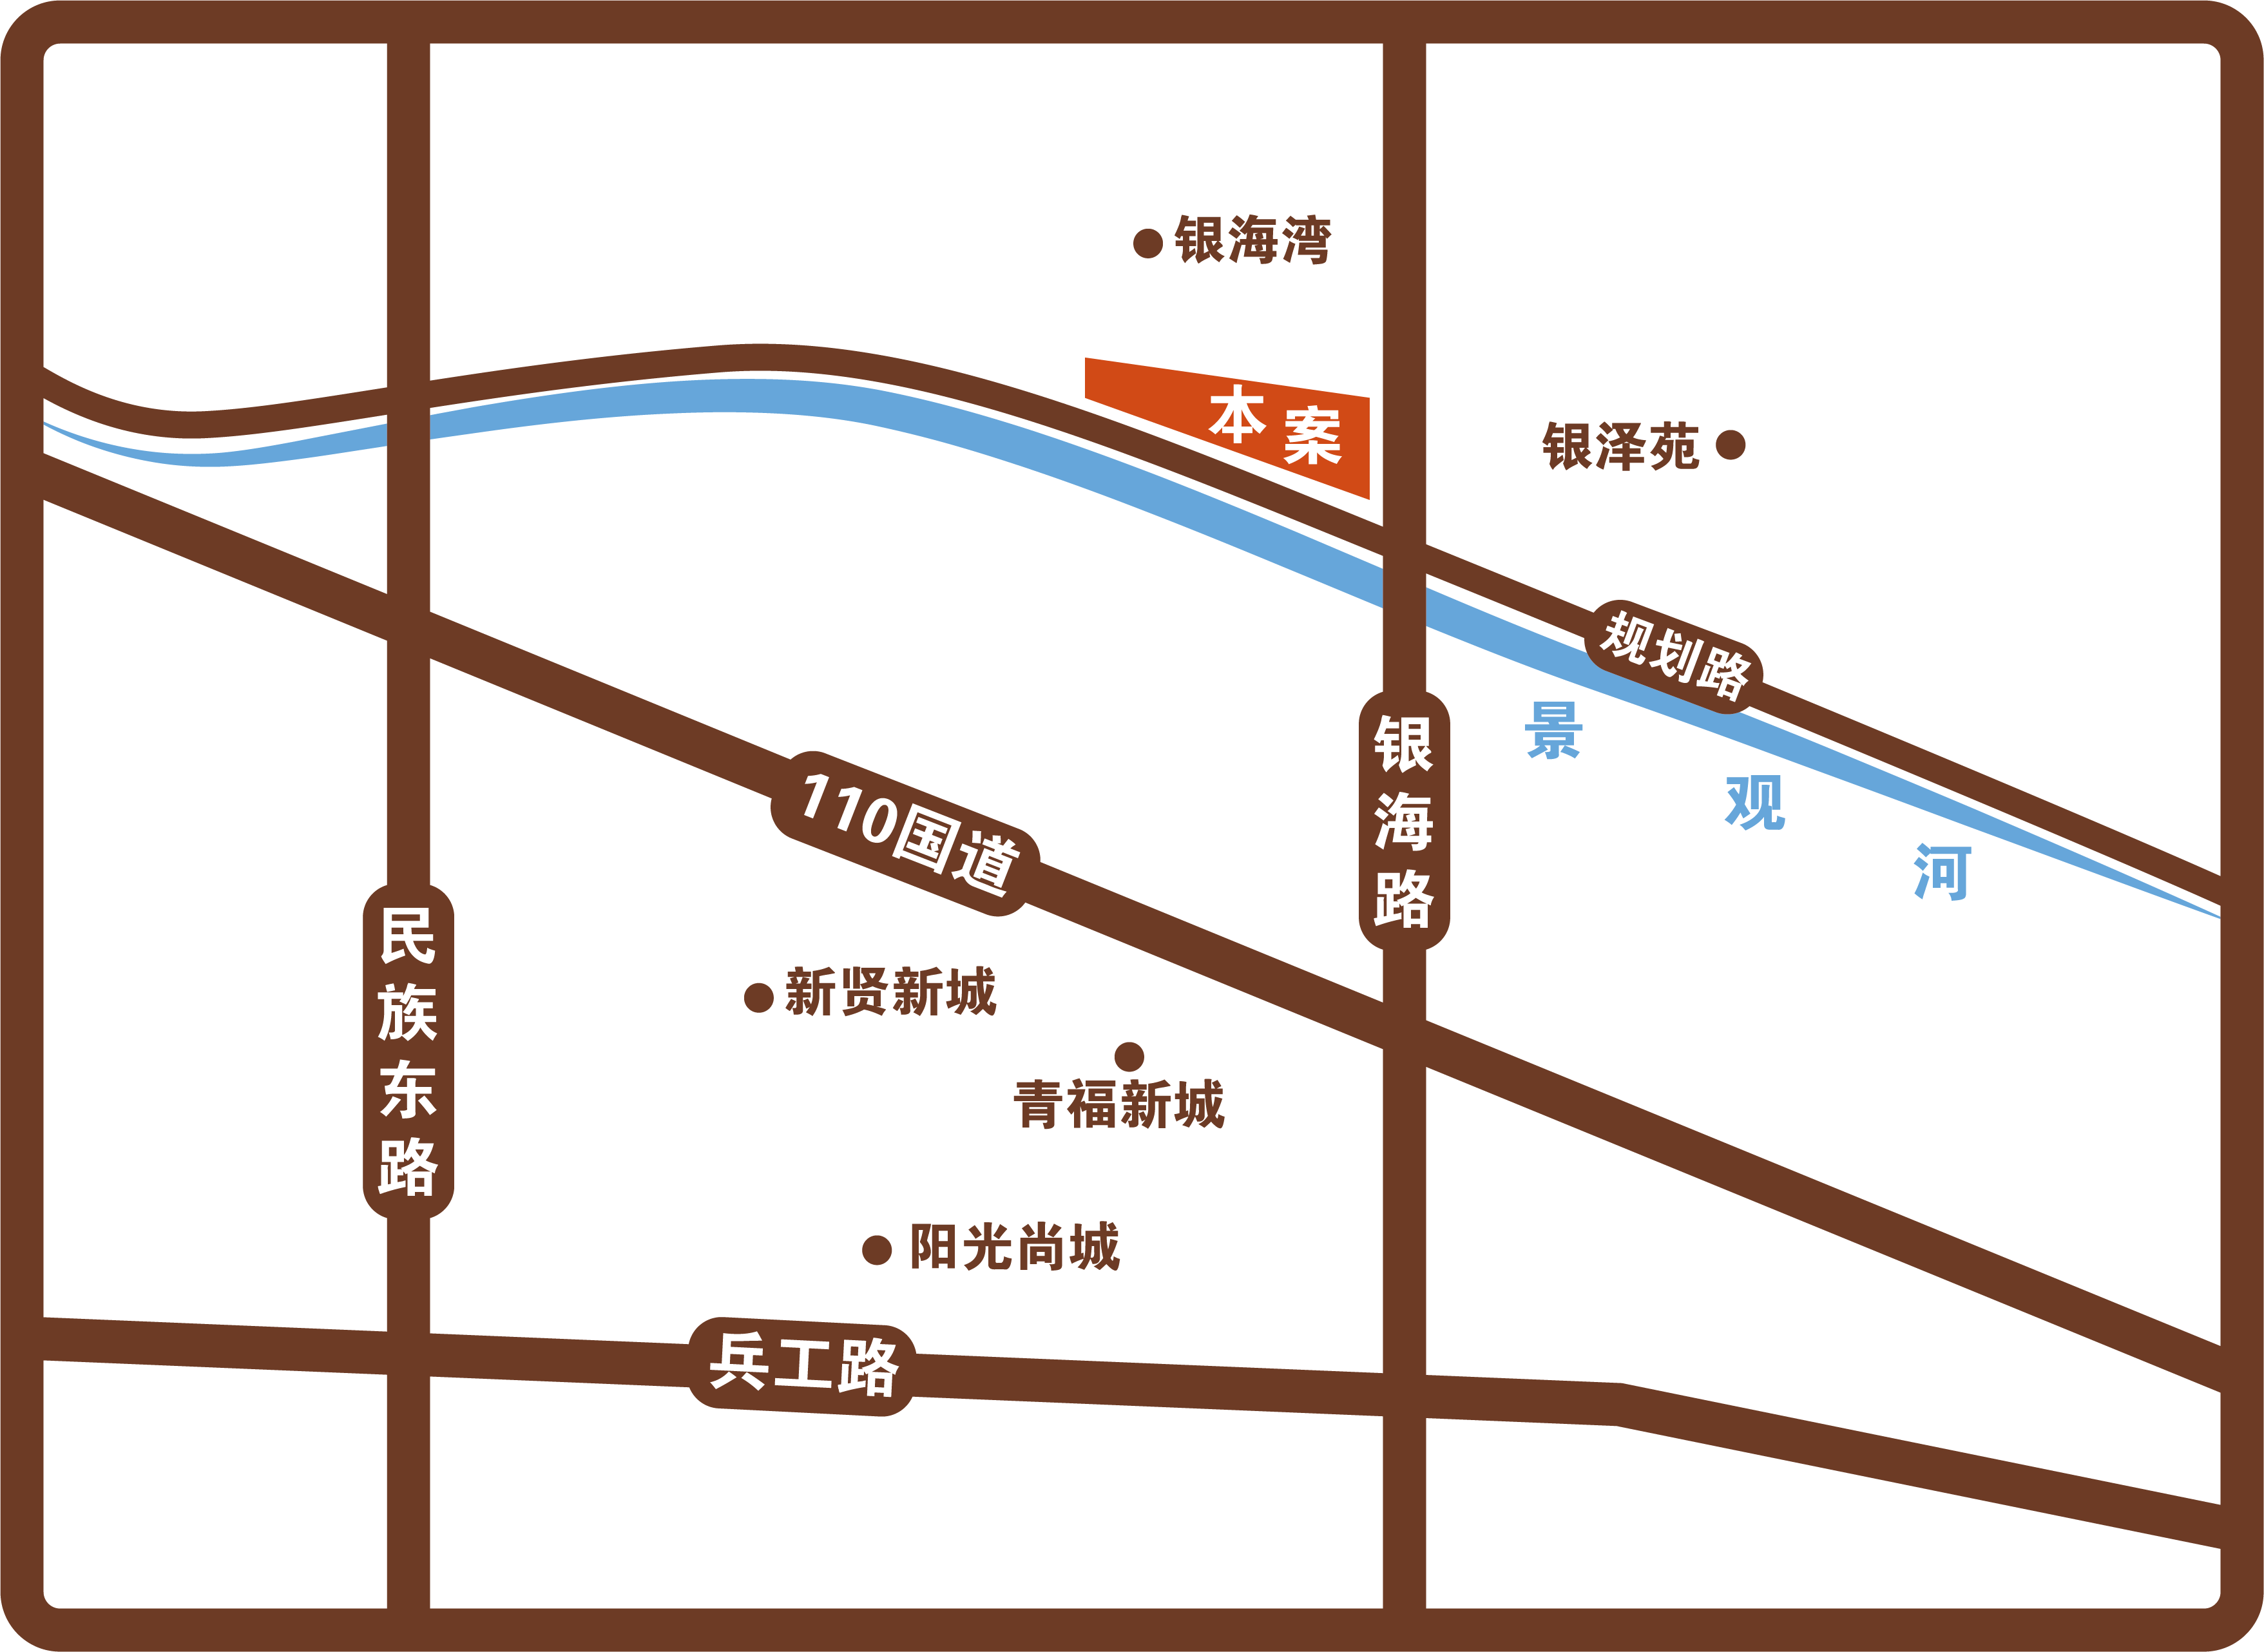 方兴•山屿湖位置图